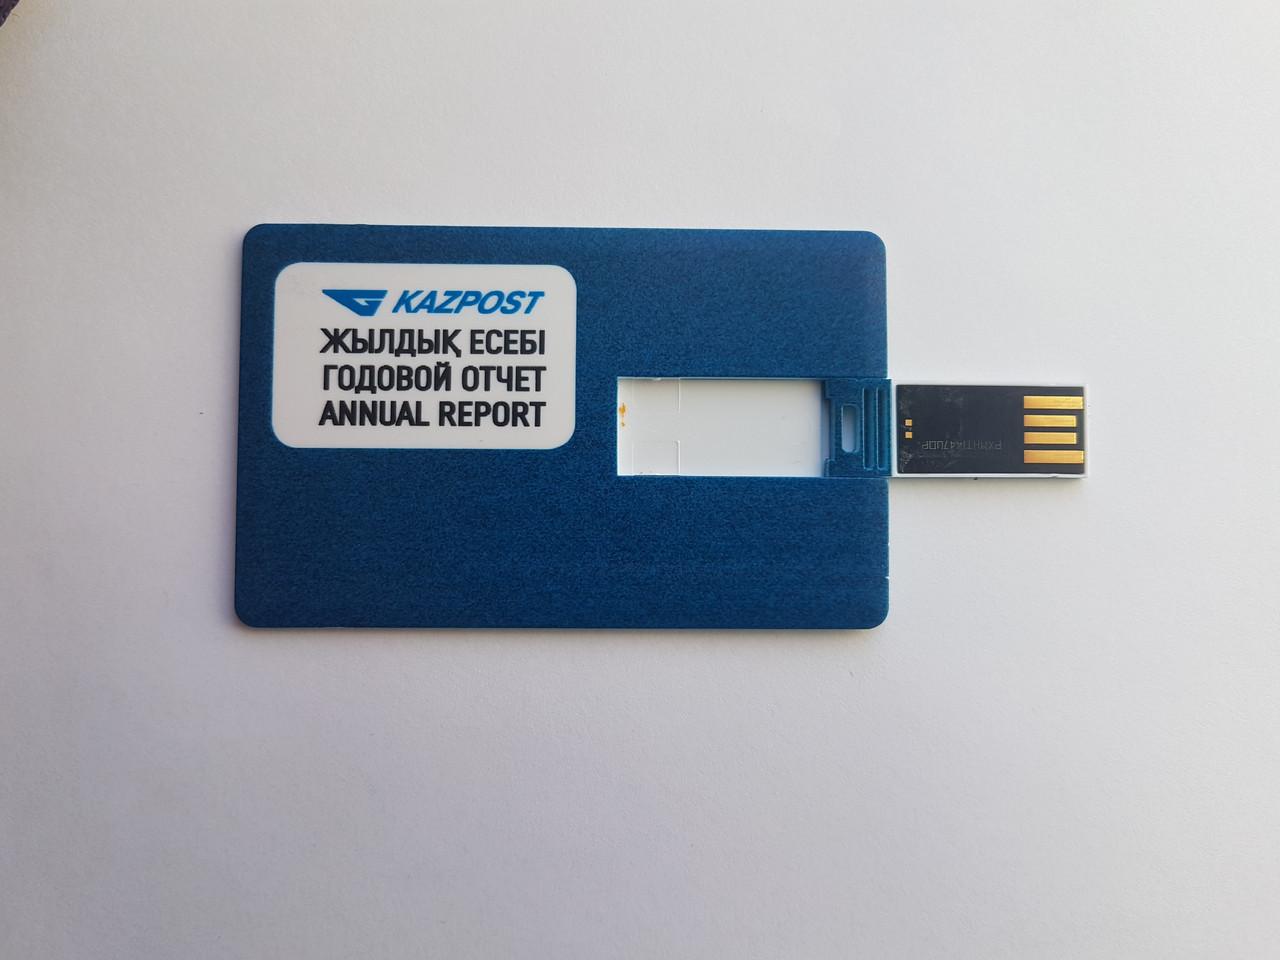 Флешка карточка 4 гб. Бесплатная доставка по РК.